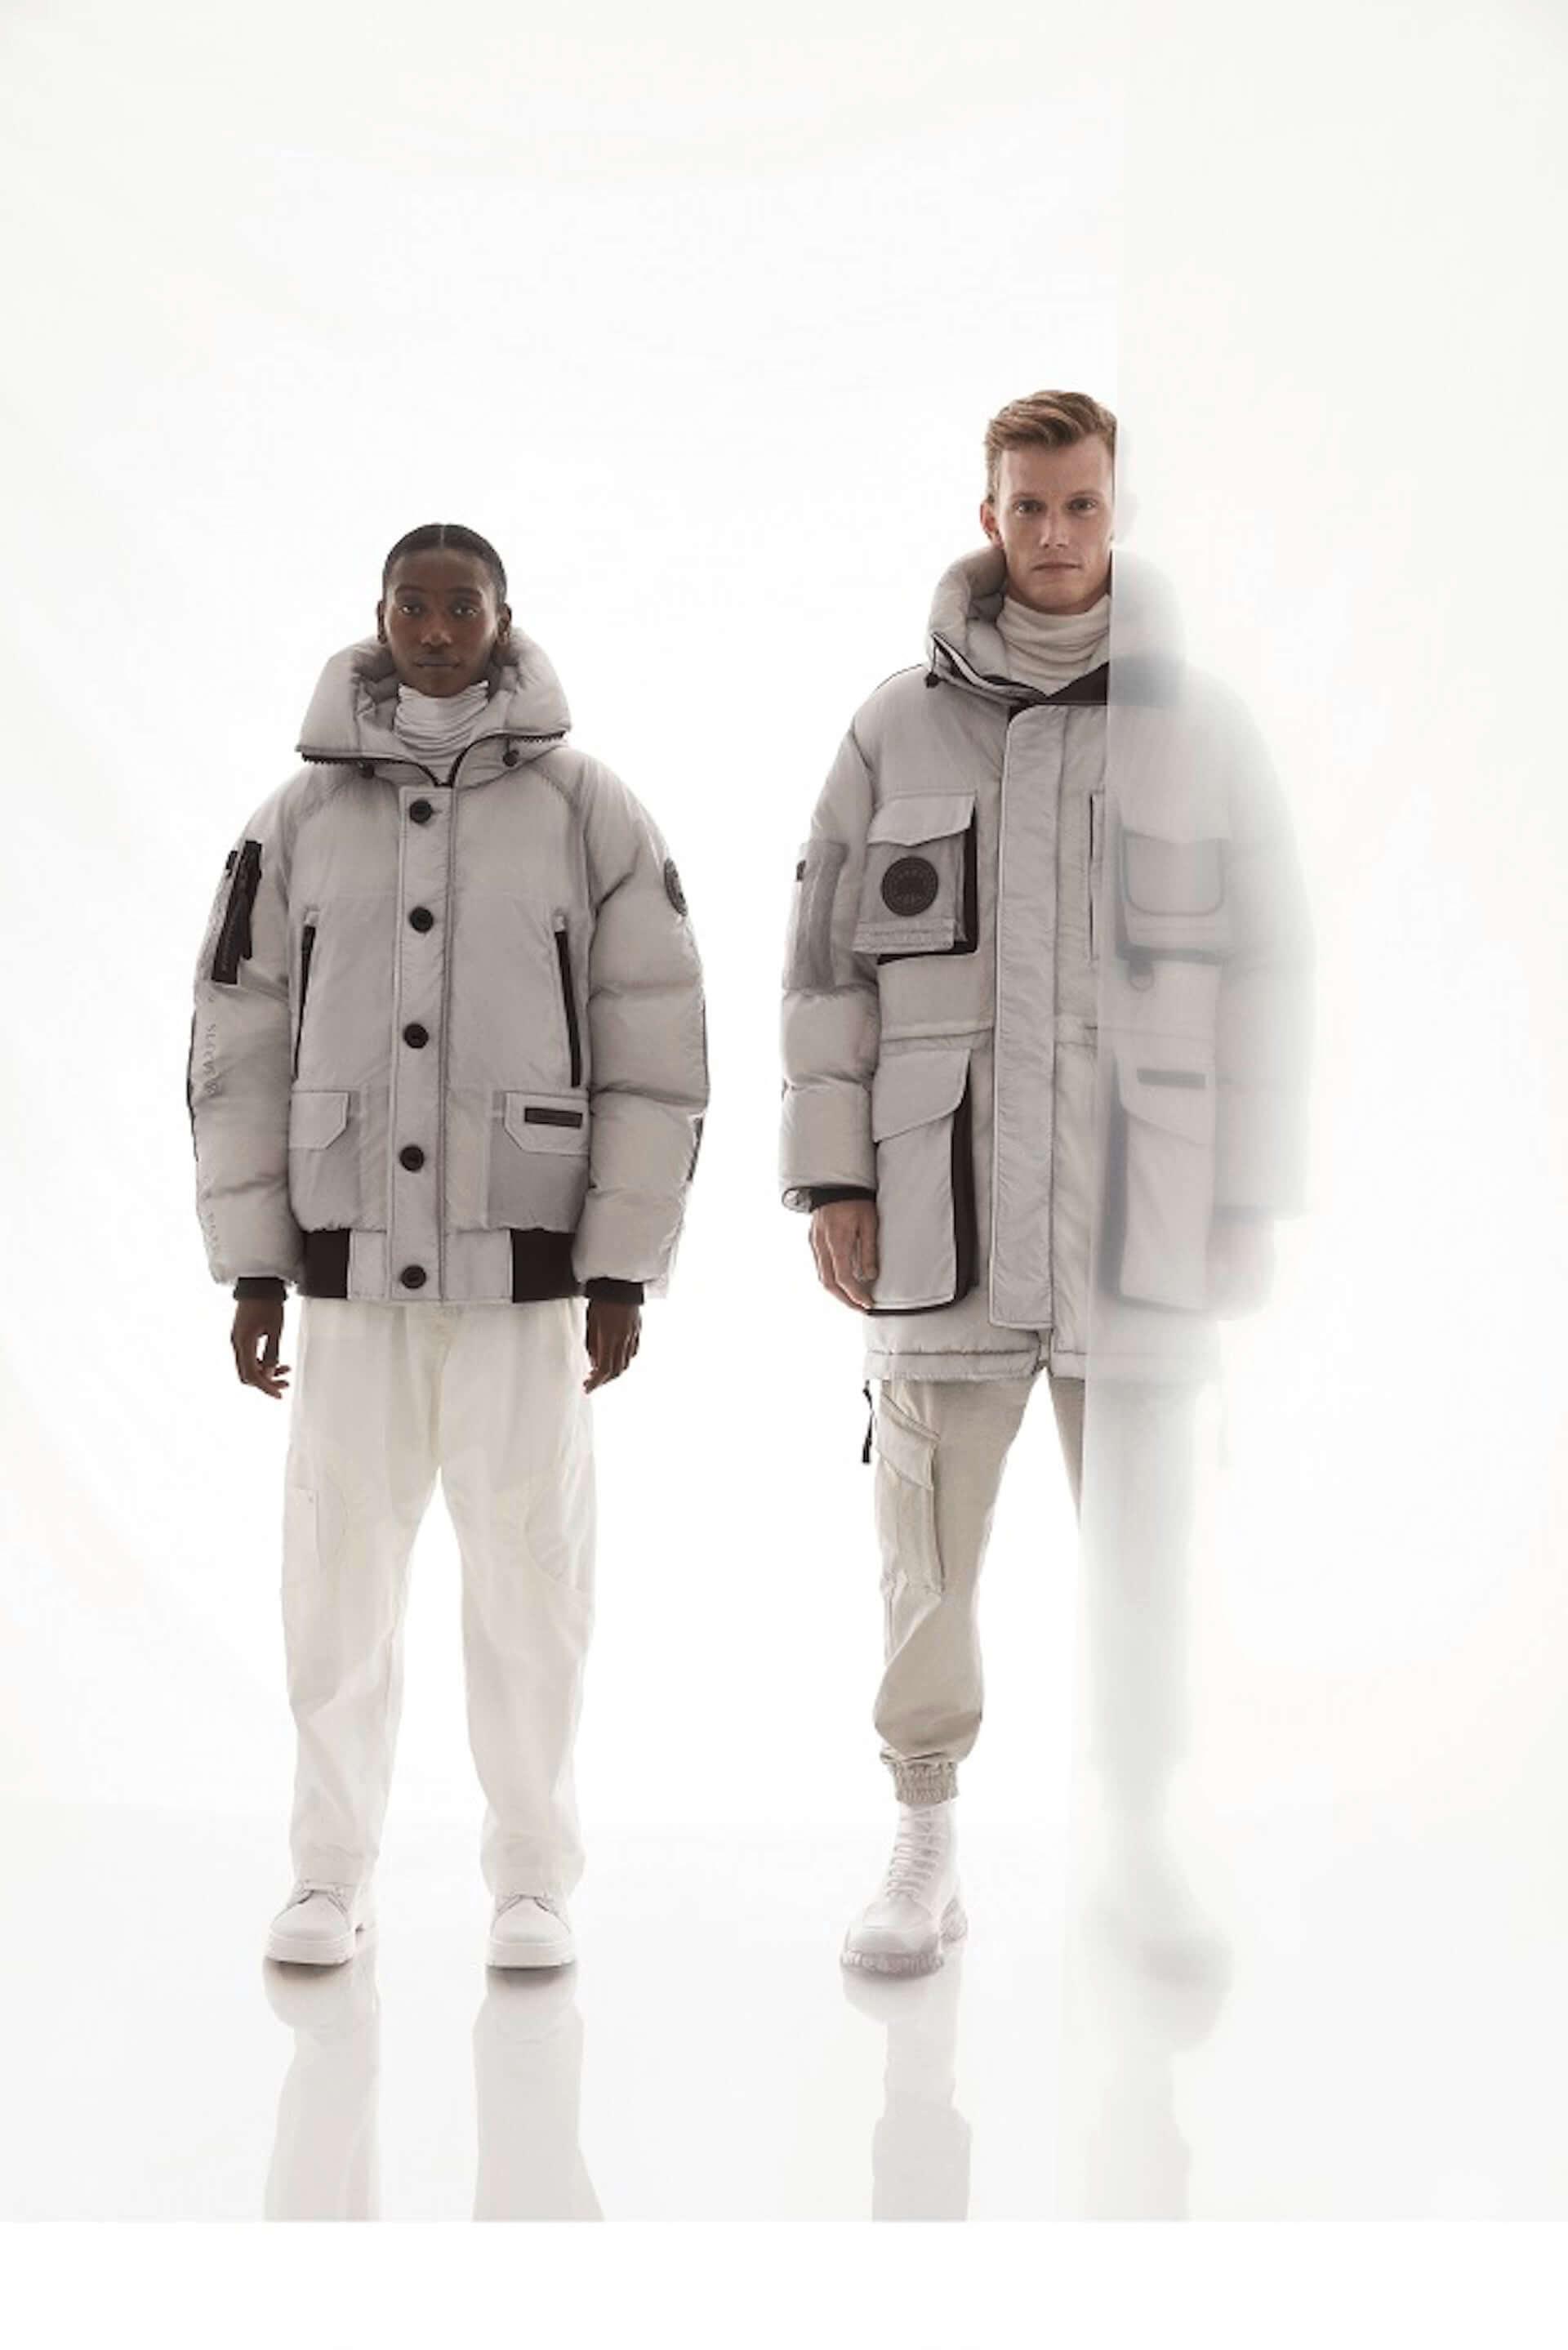 カナダグースの新コレクション「THE ICONS X-RAY COLLECTION」が発売決定!冬の寒さから身を守るジャケット、ベストなどが登場 lf201124_canadagoose_1-1920x2877